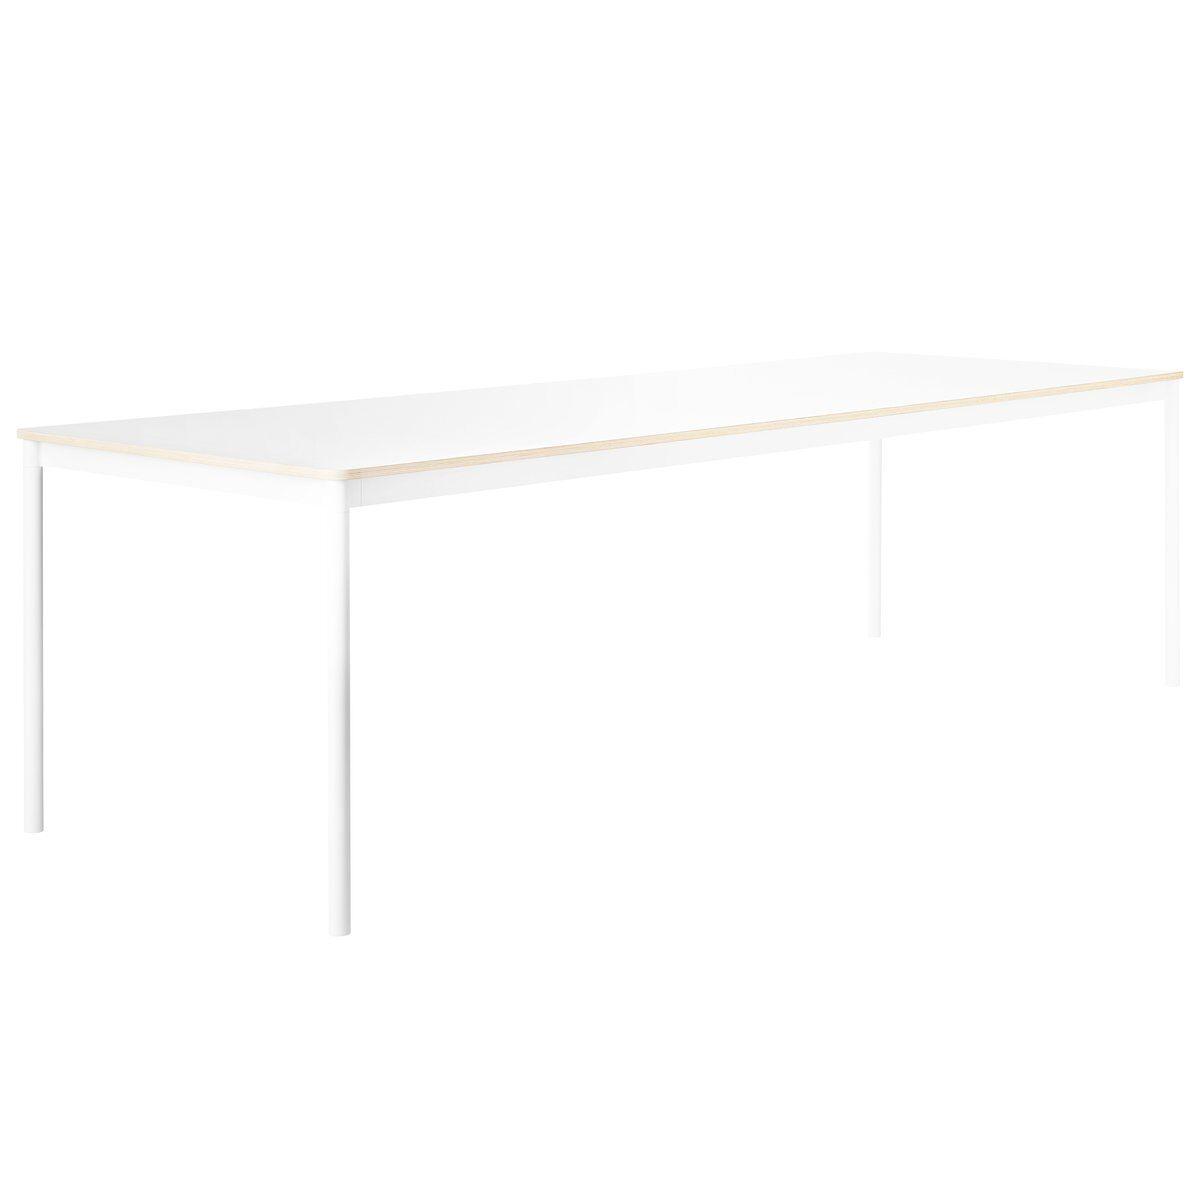 Muuto Base p�yt� 190 x 85 cm, laminaatti vanerireunalla, valkoinen